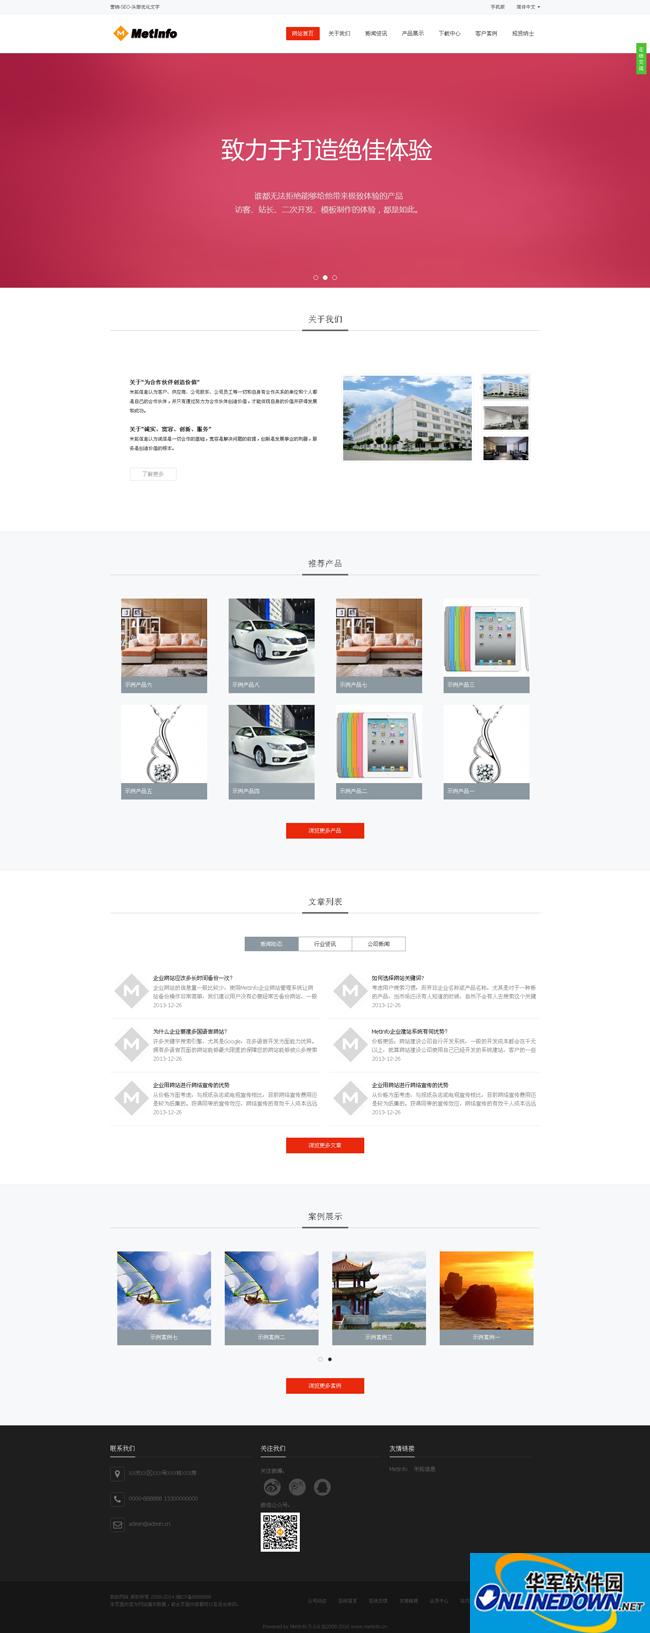 展示型企业通用米拓整站源码 1.1